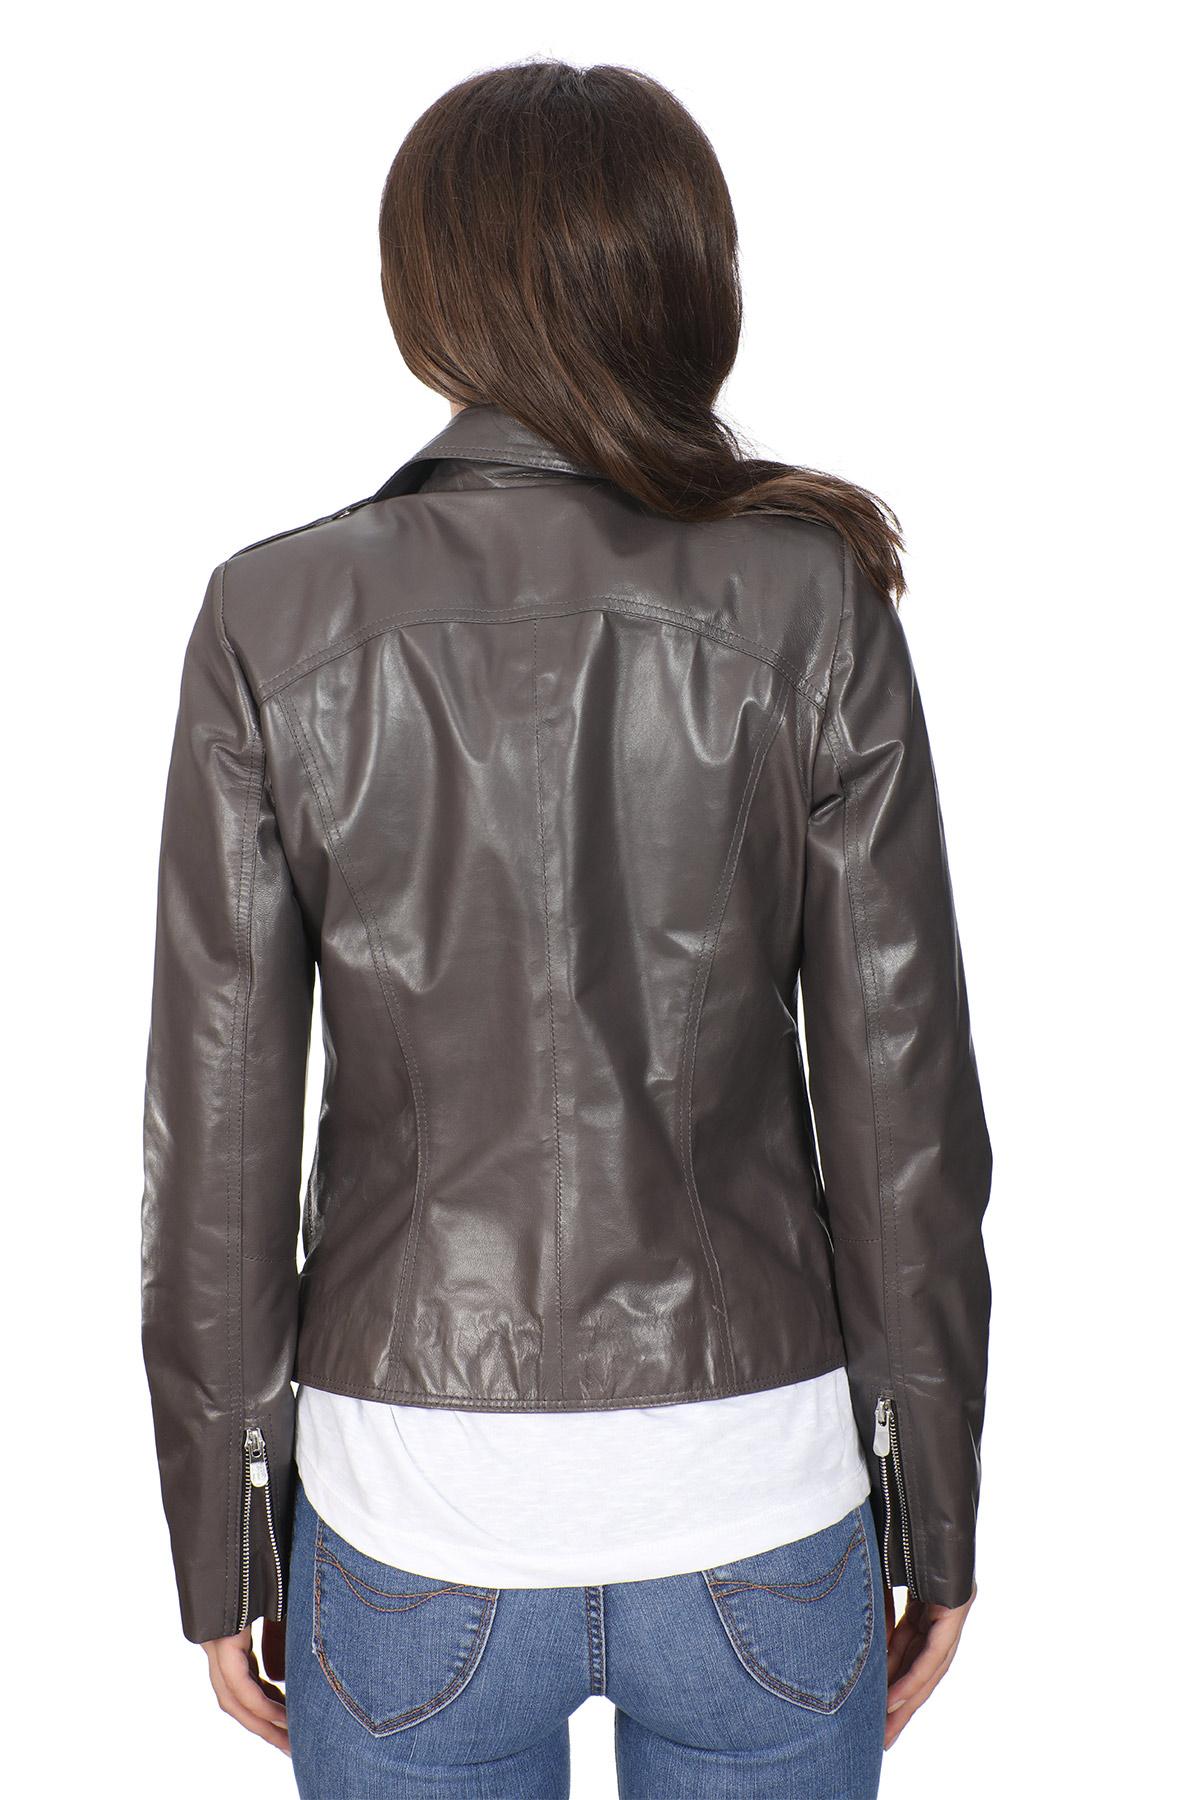 Jacket Maker Online